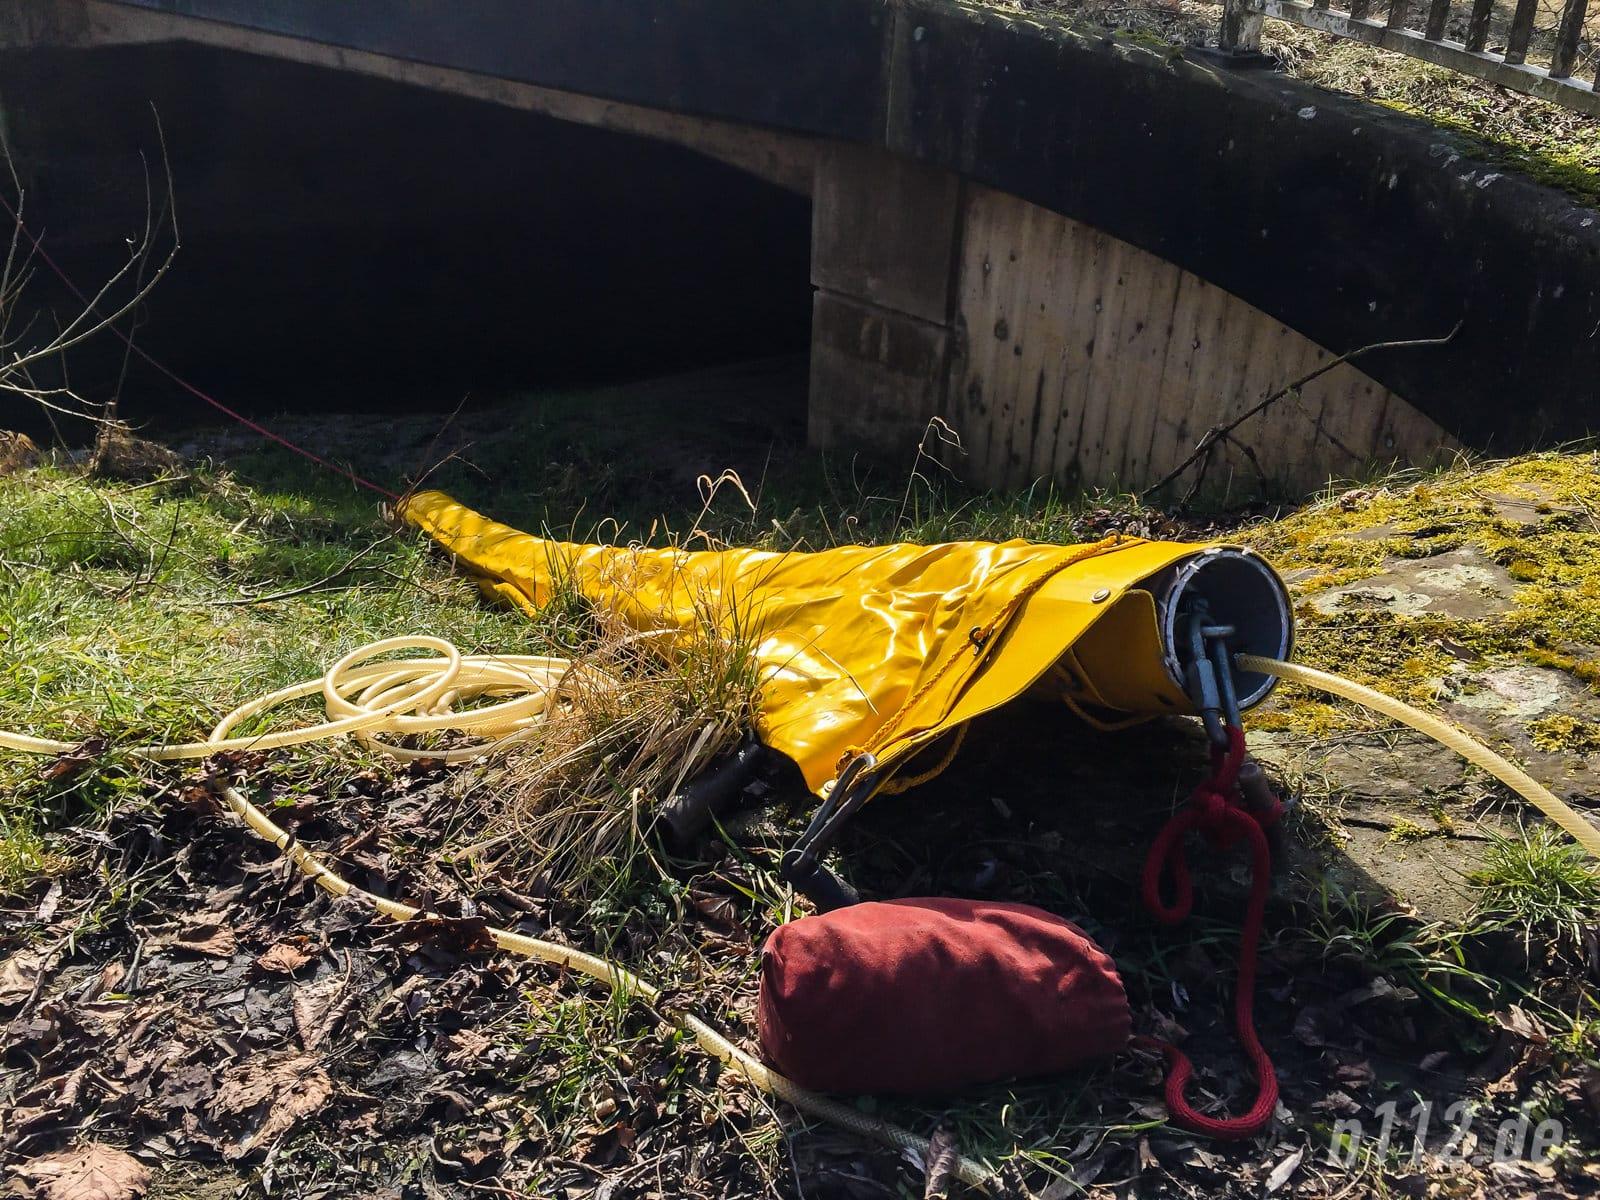 Bereit für den Einsatz: Innerhalb kurzer Zeit hatten die Feuerwehrleute eine Ölsperre bereitgelegt (Feuerwehrleute beobachten das Wasser bachaufwärts auf Öl (Foto: Stefan Simonsen/n112.de)